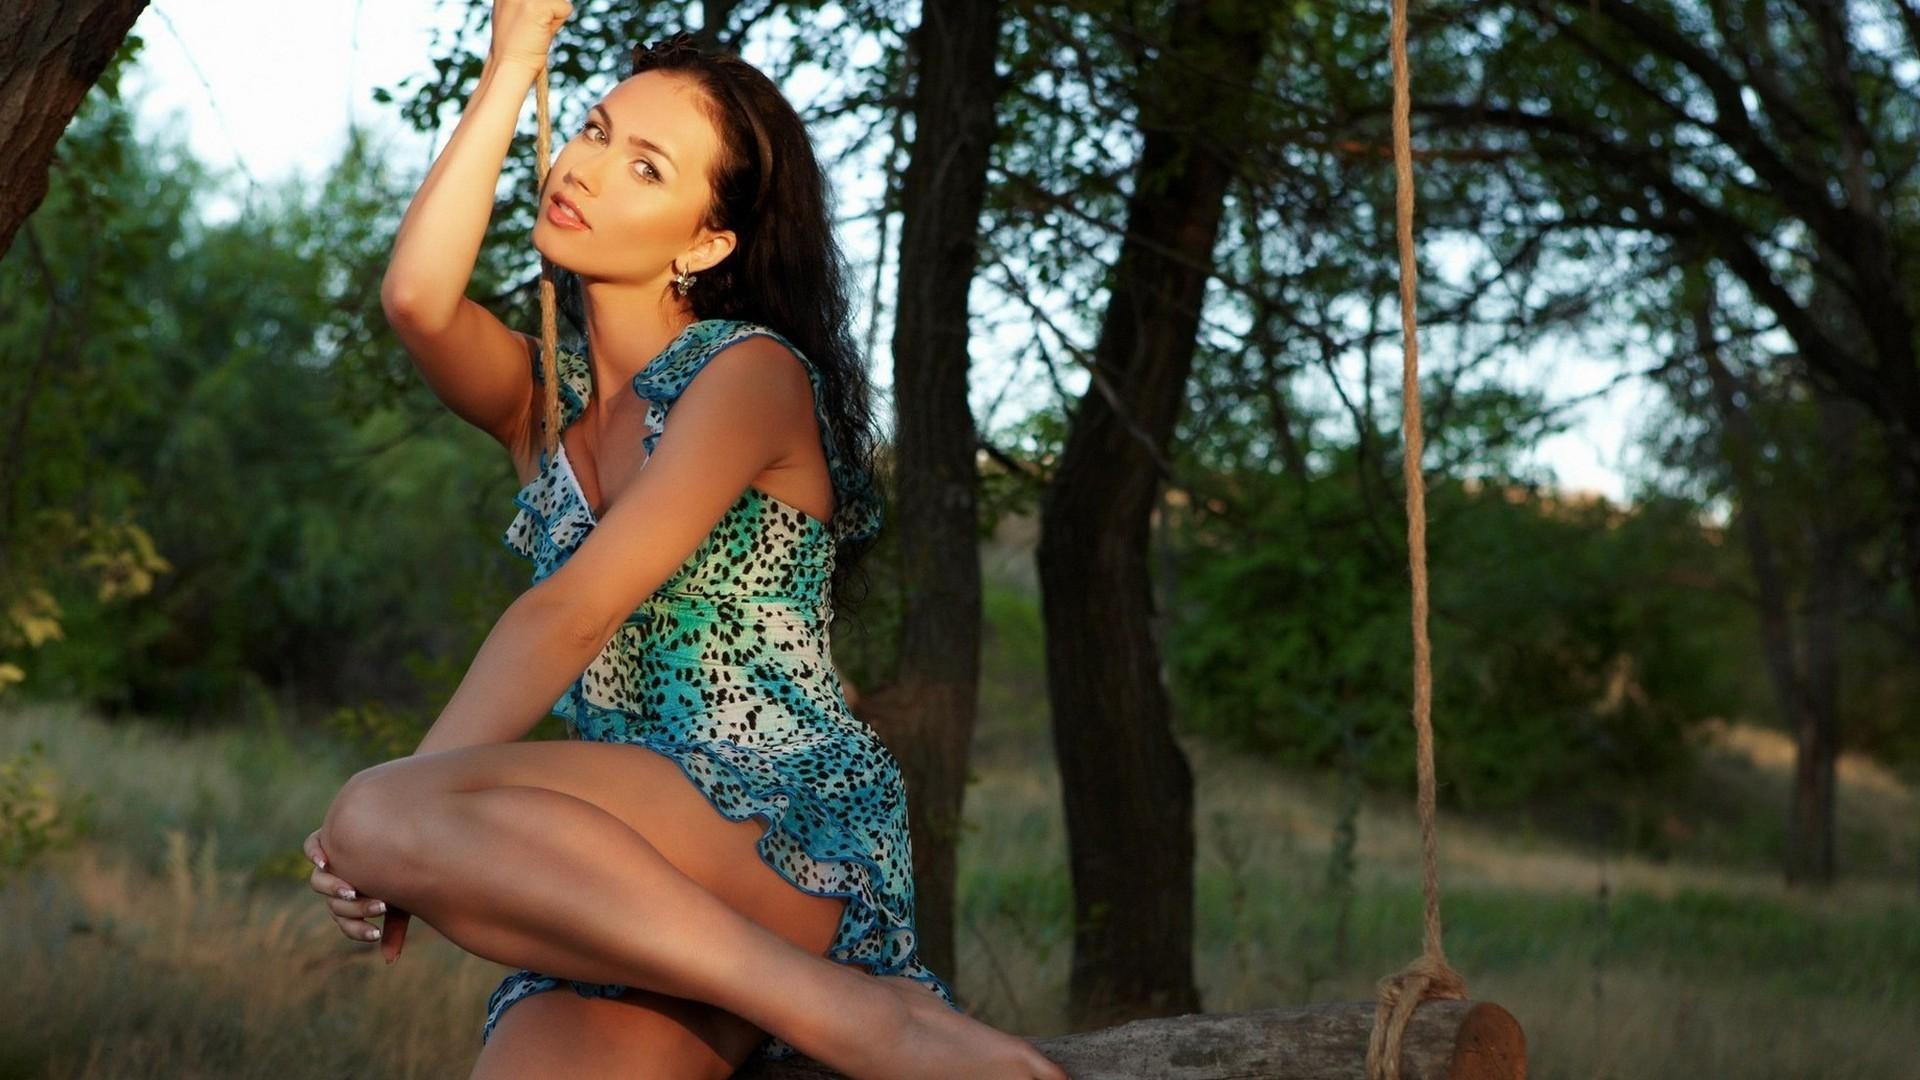 Фото русских блядей на природе, Трах на природе и частные обнаженные фото - секс 1 фотография